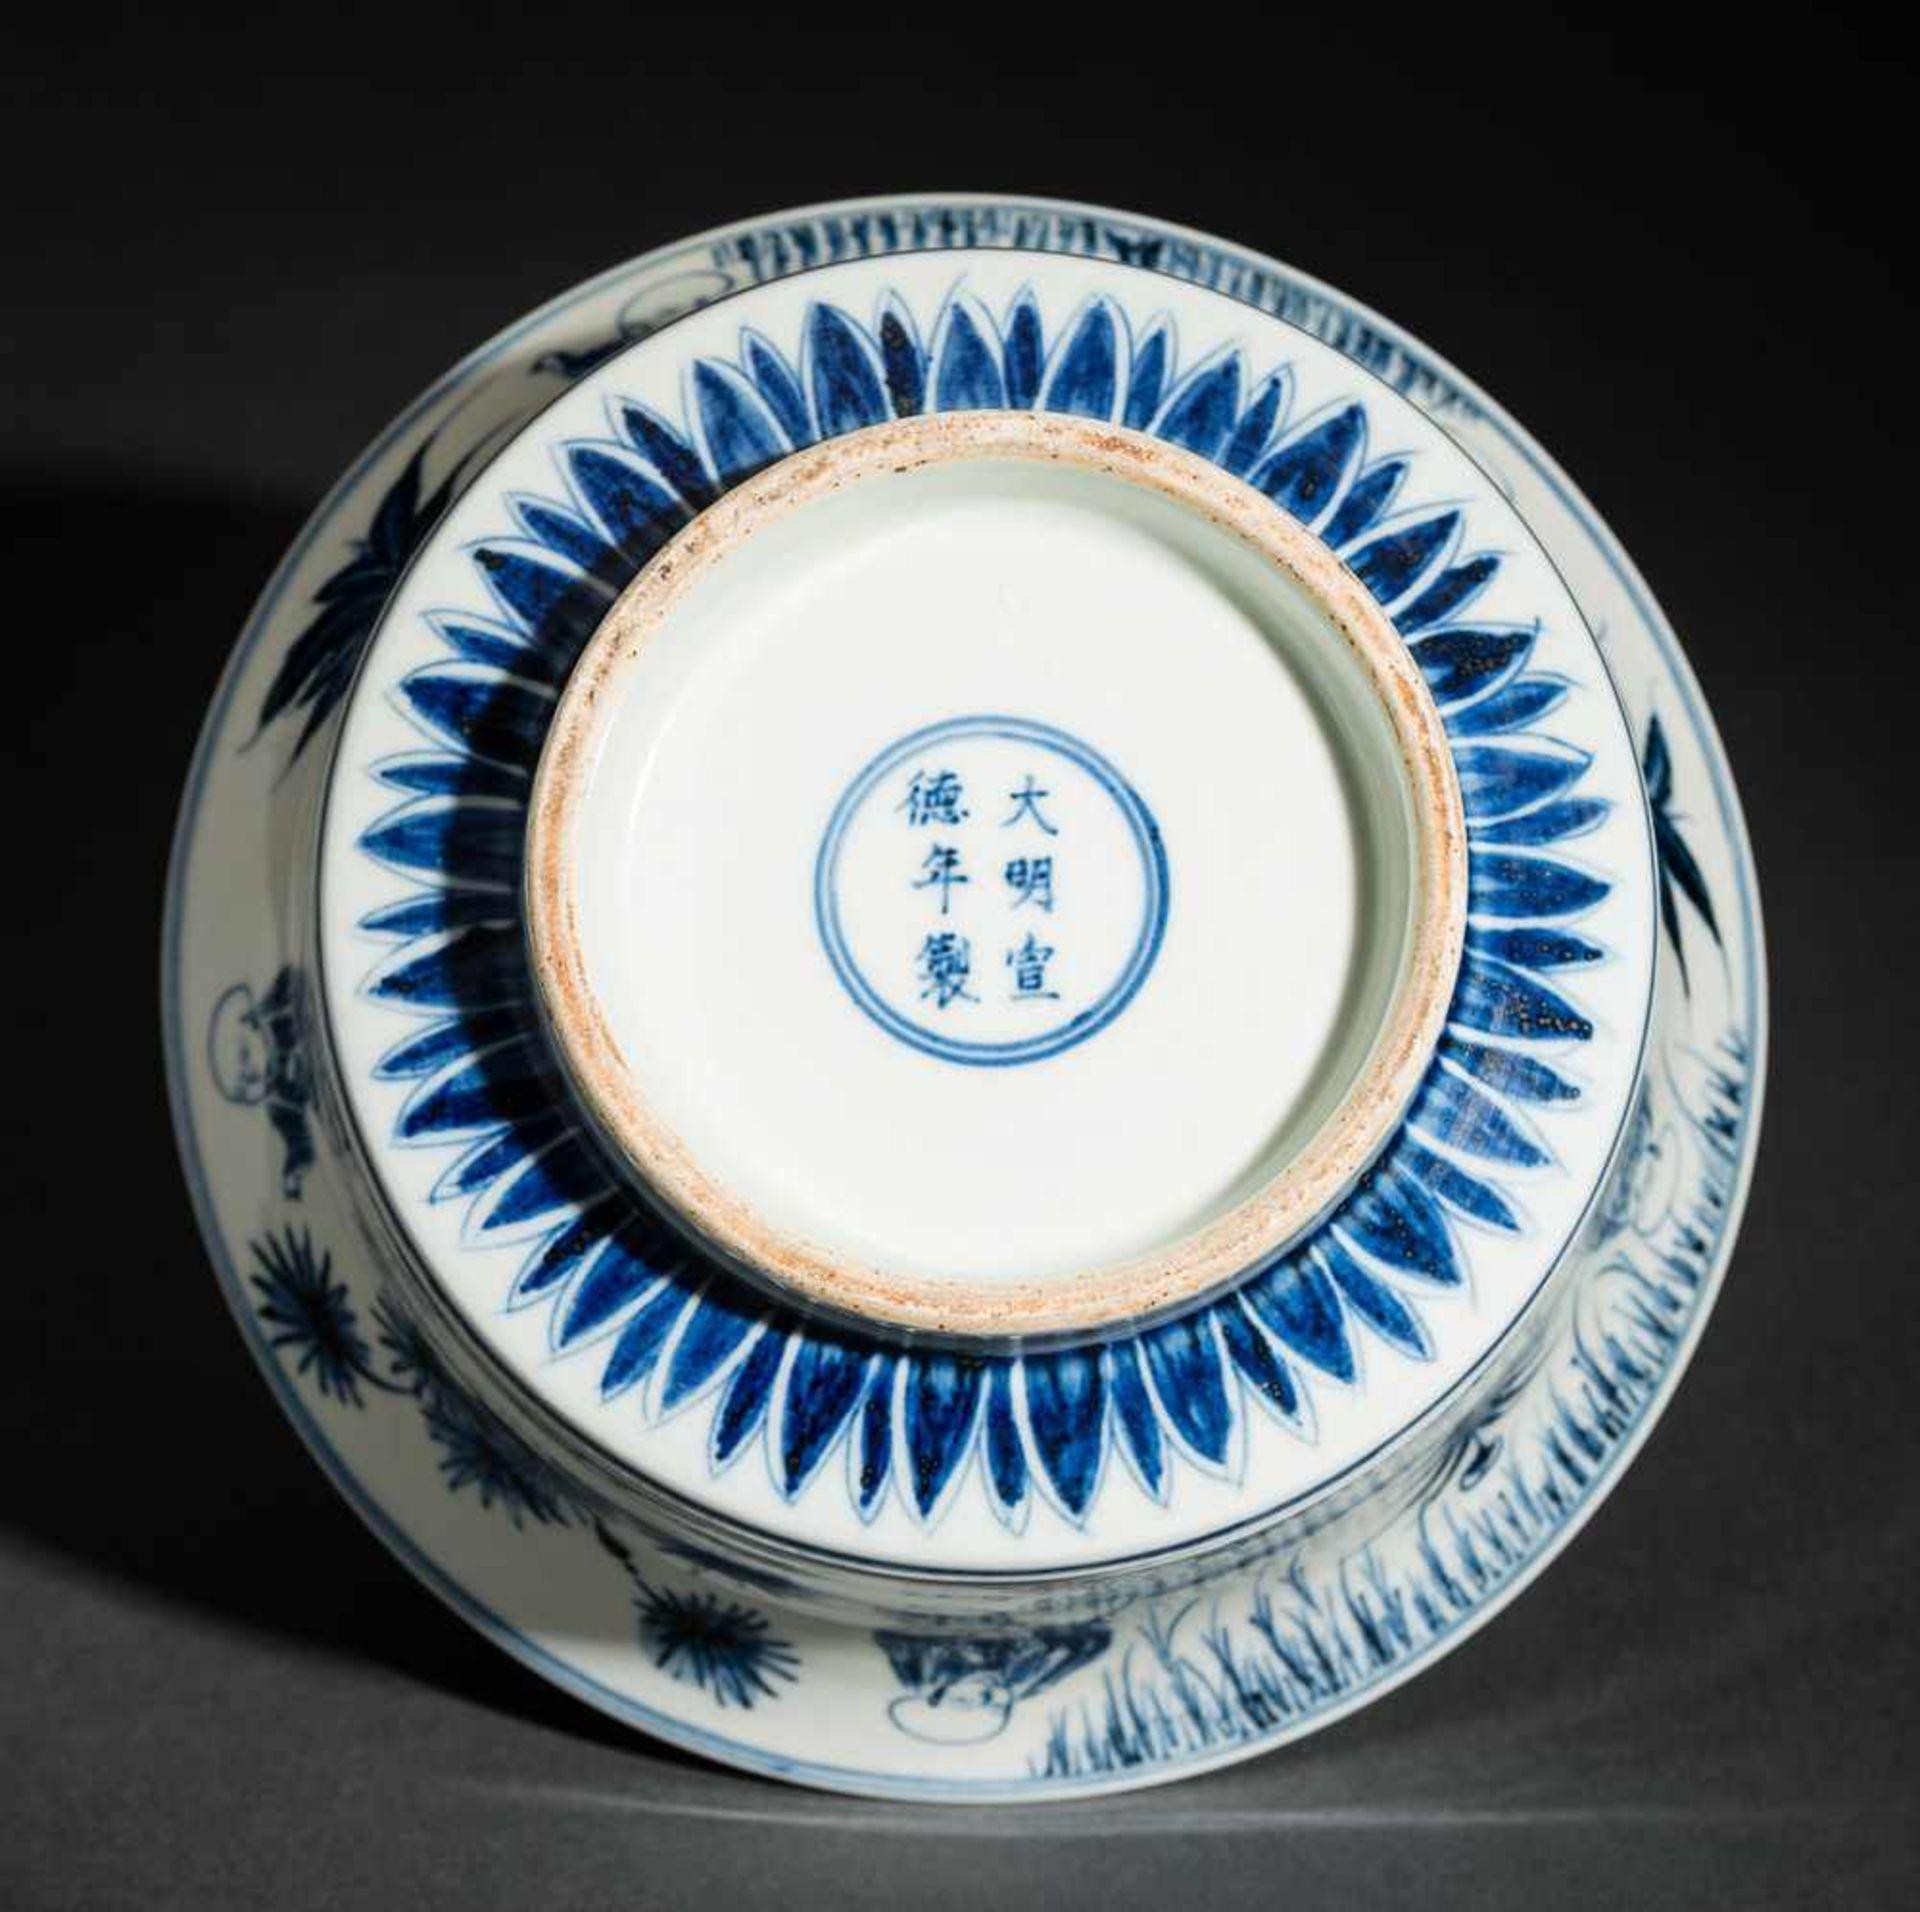 TIEFE SCHALE MIT SPIELENDEN KNABEN Blauweißes Porzellan. China, Auf der nach außen geschwungenen - Image 5 of 6